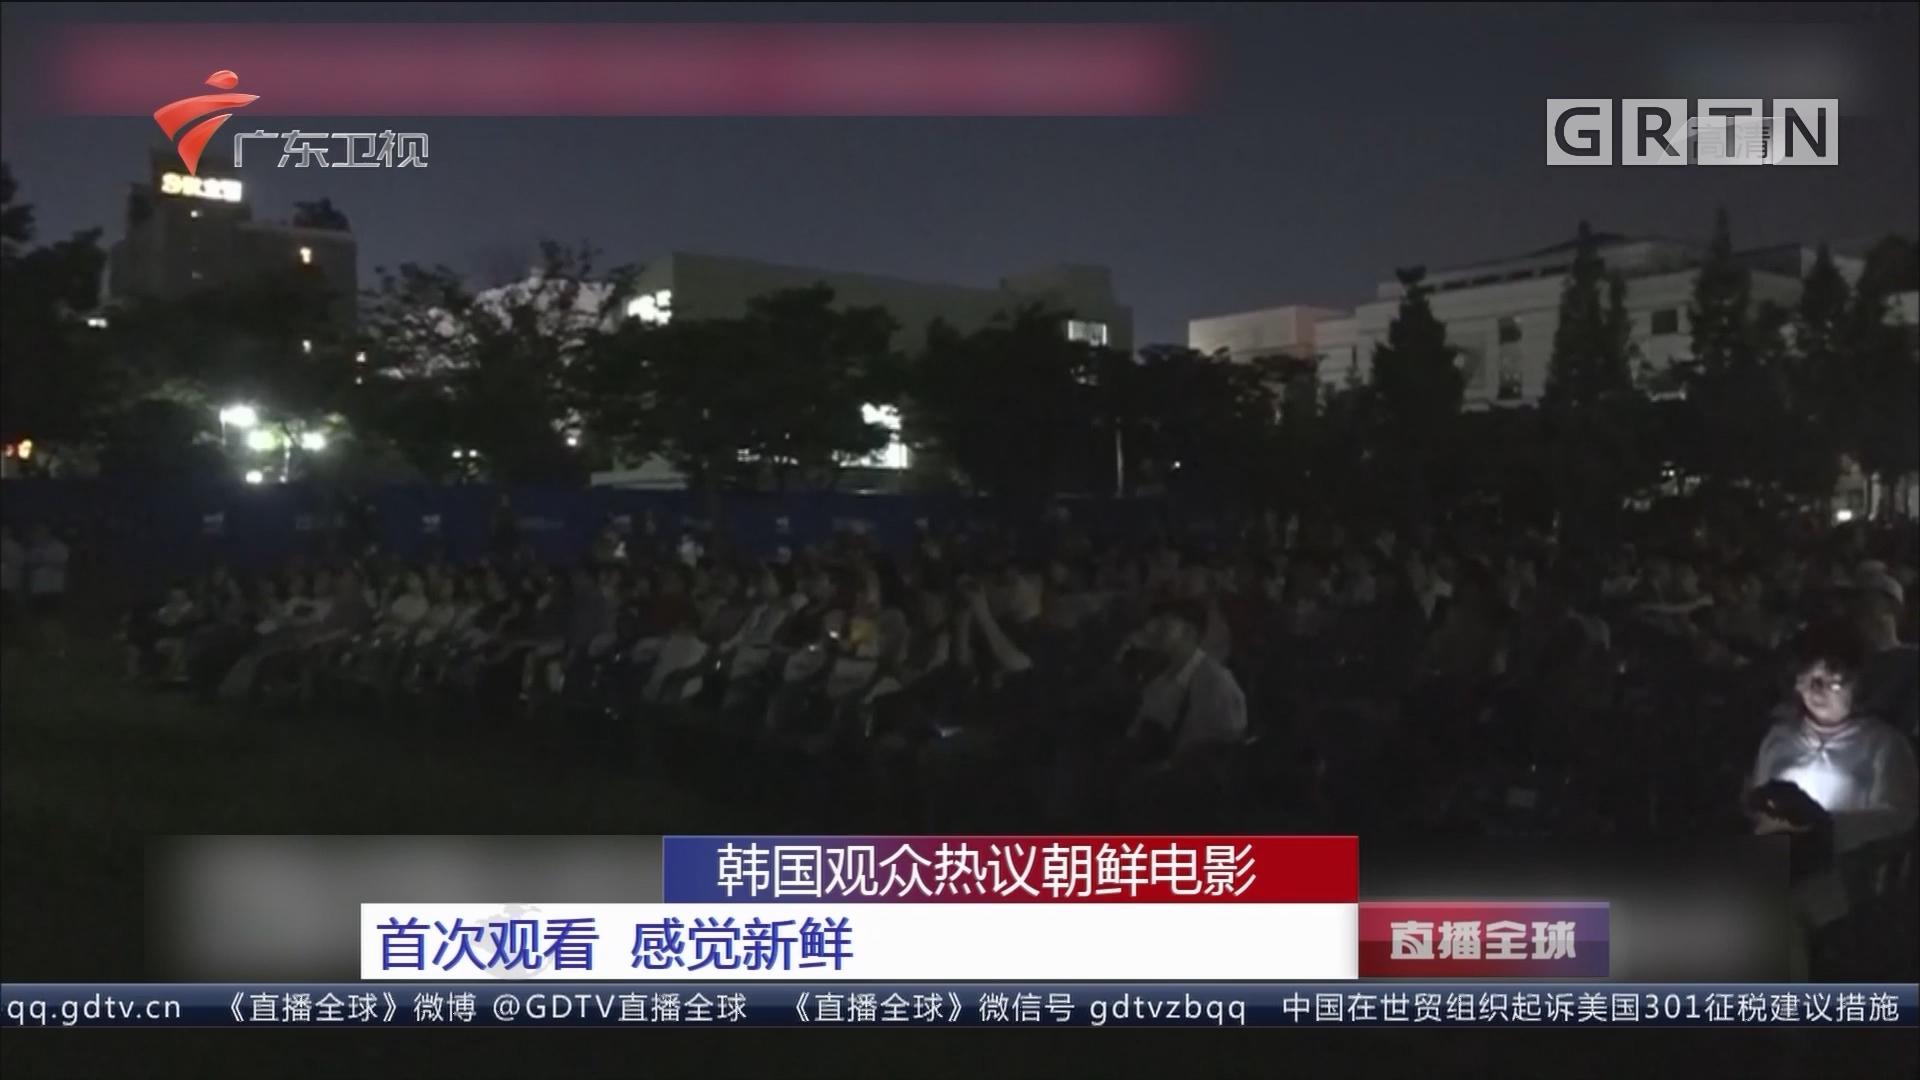 韩国观众热议朝鲜电影 首次观看 感觉新鲜